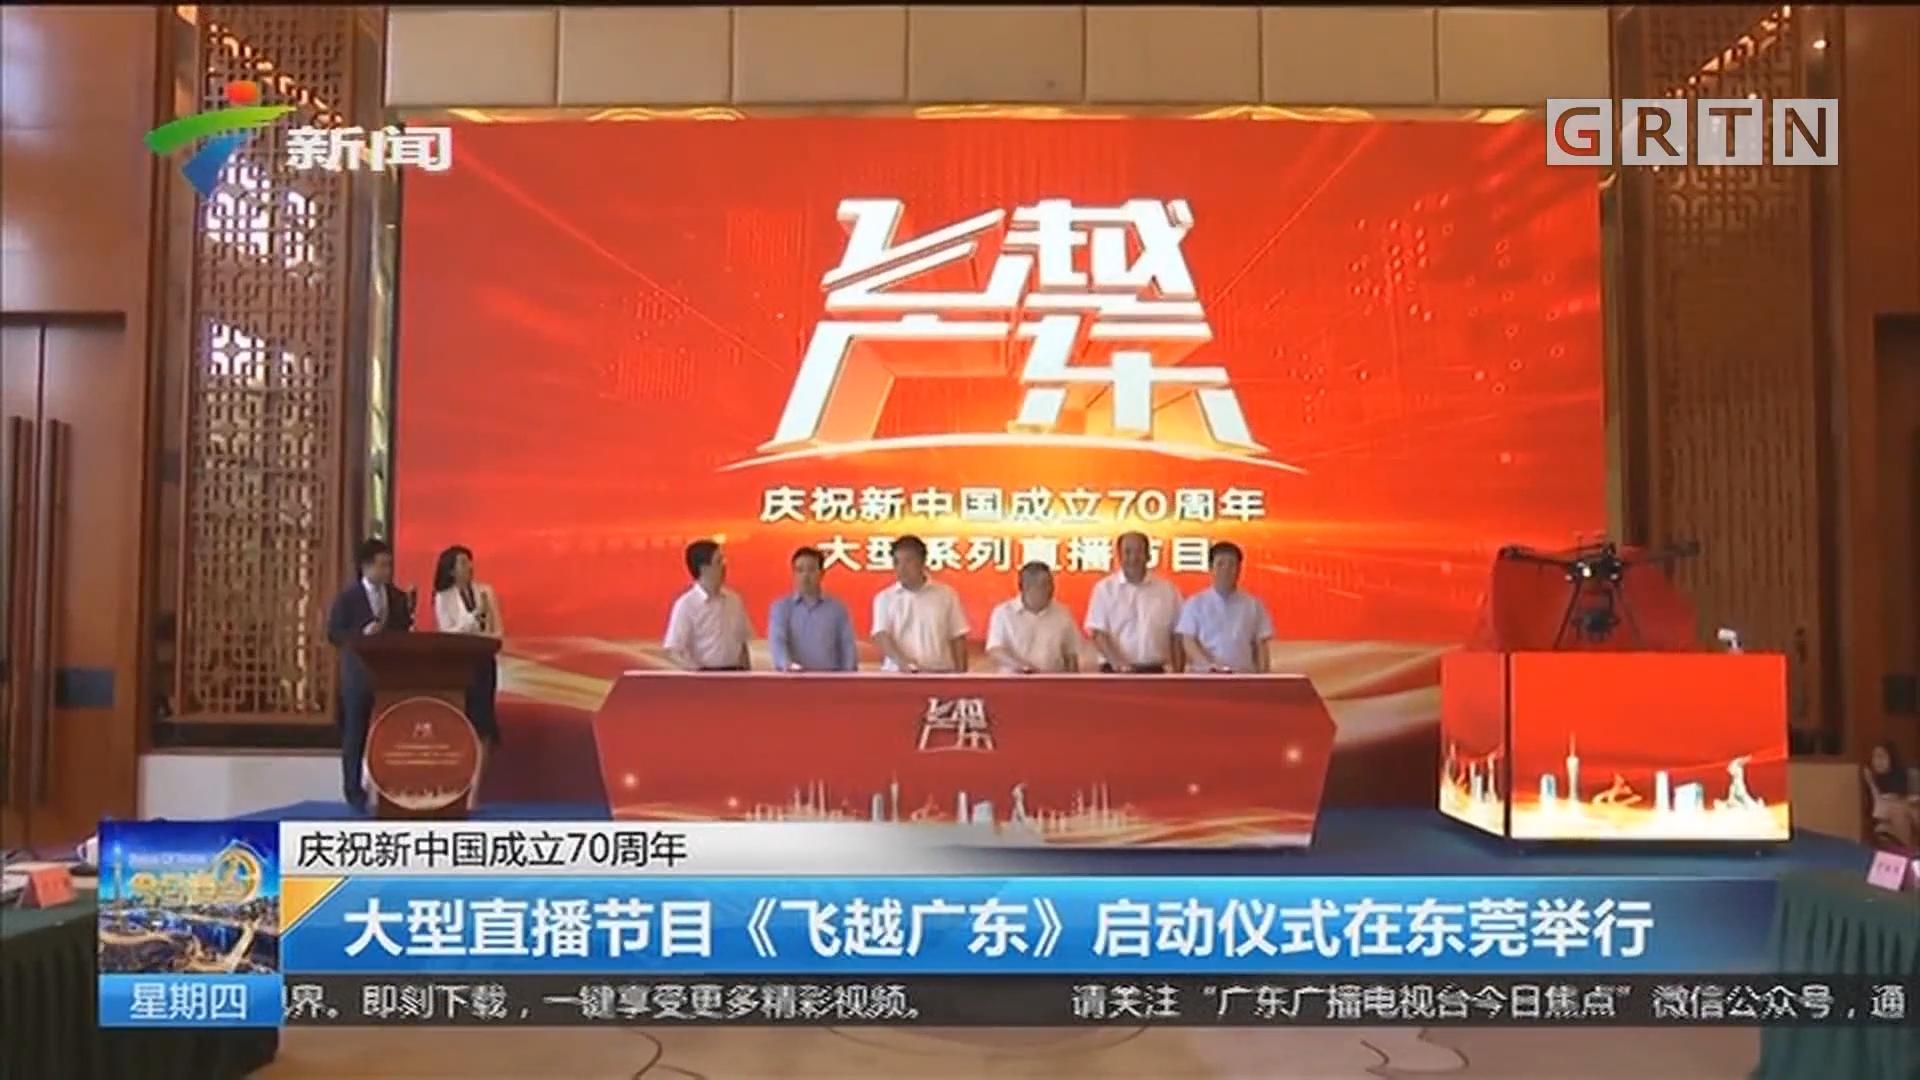 庆祝新中国成立70周年 大型直播节目《飞越广东》启动仪式在东莞举行